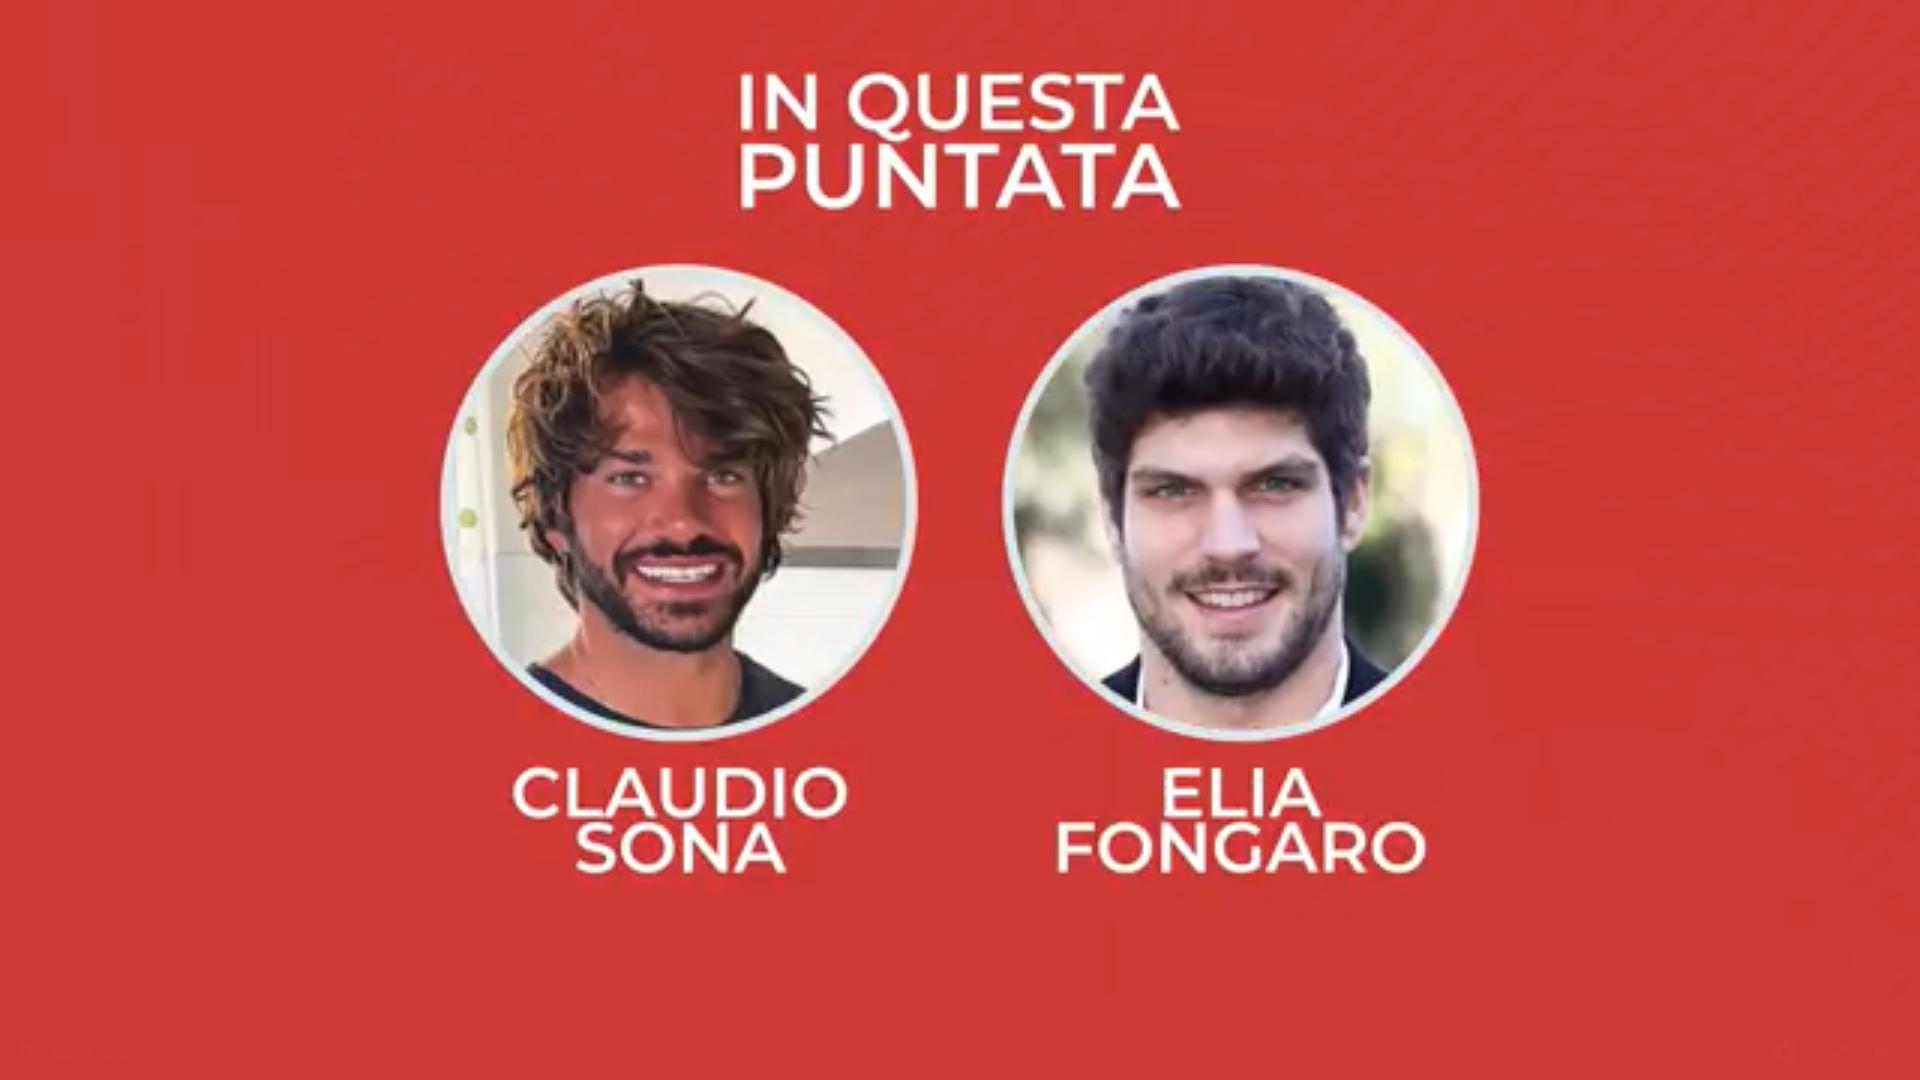 Grande Fratello Vip 5, Claudio Sona e Elia Fongaro ospiti a Casa Chi fanno rivelazioni choc